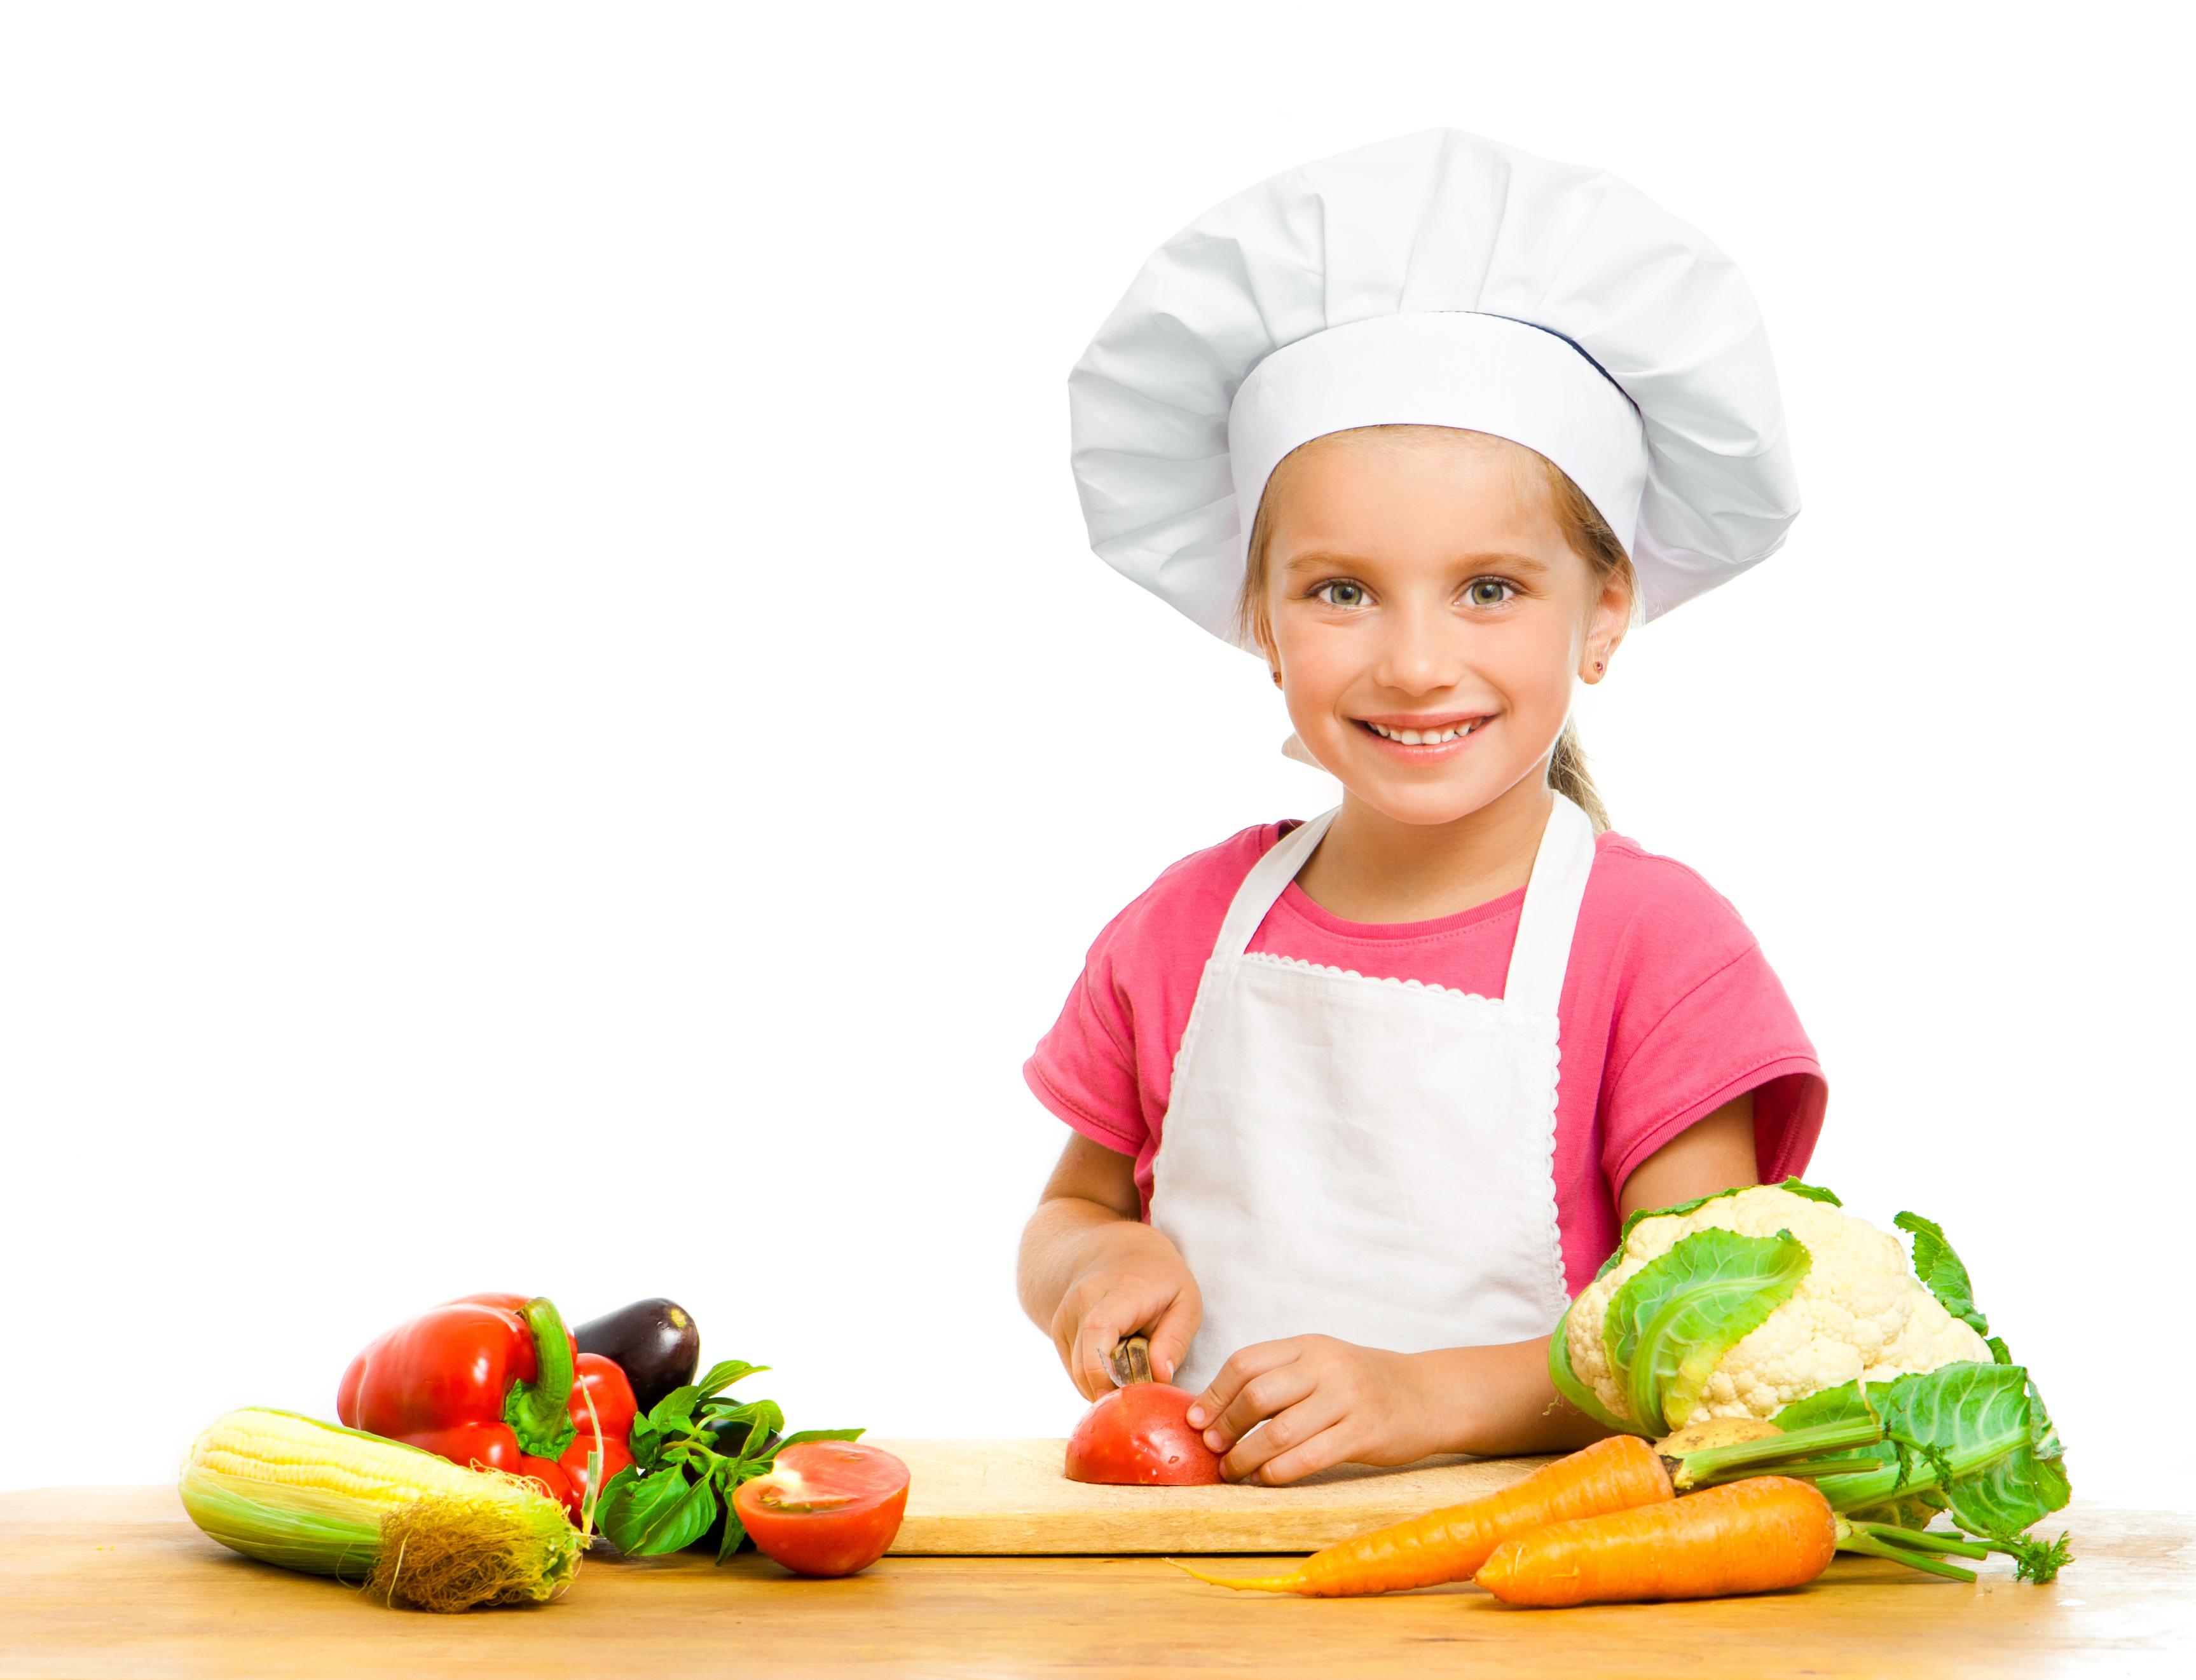 hacer que los niños coman bien